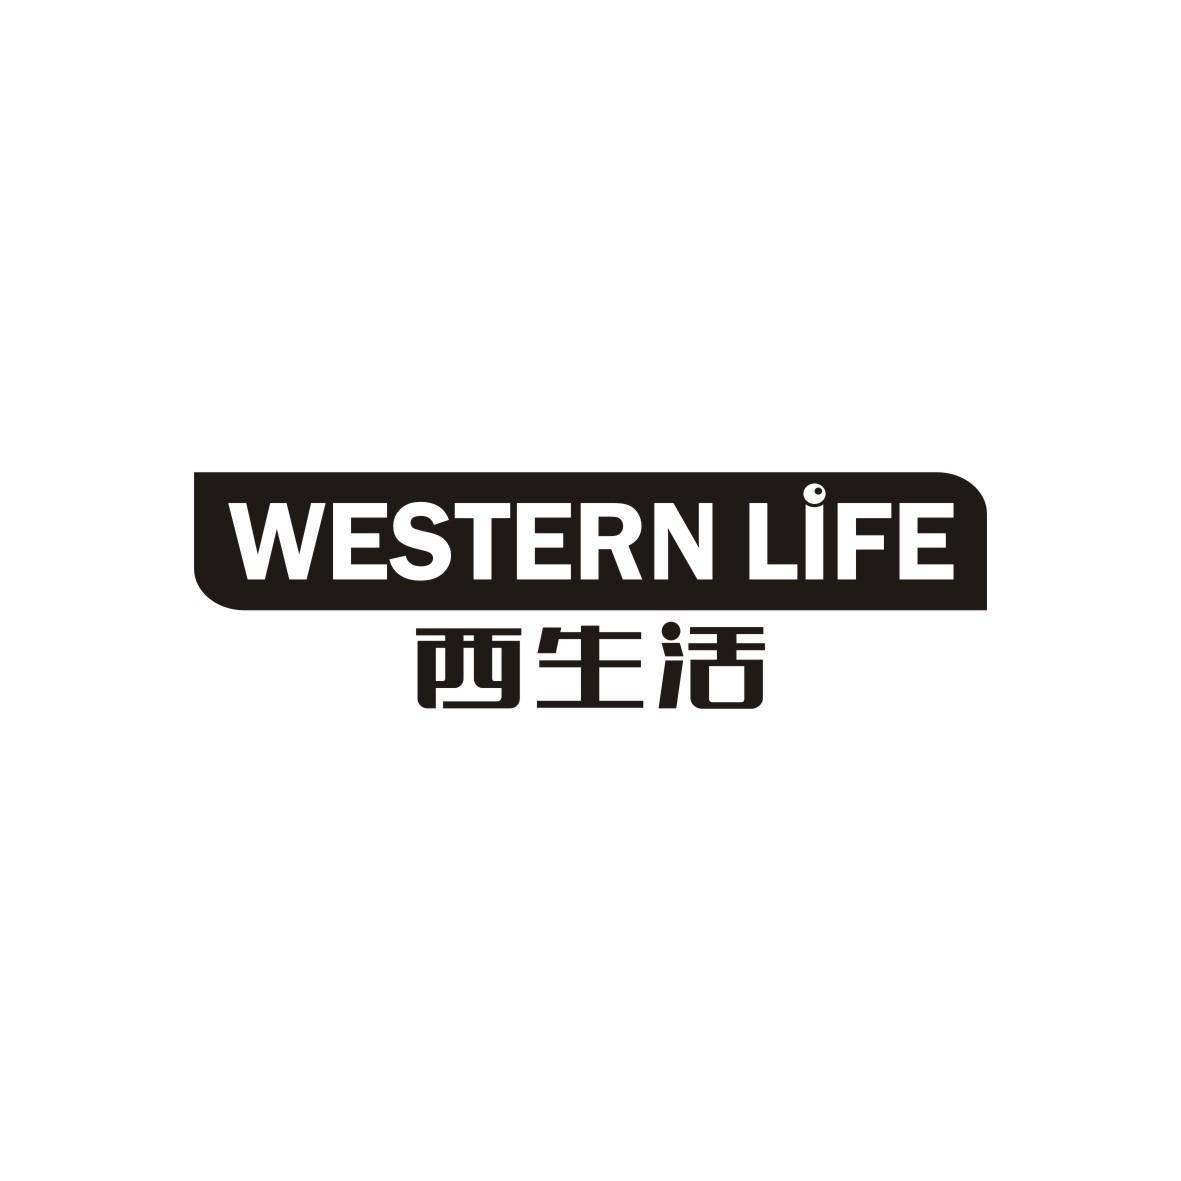 西生活 WESTERN LIFE